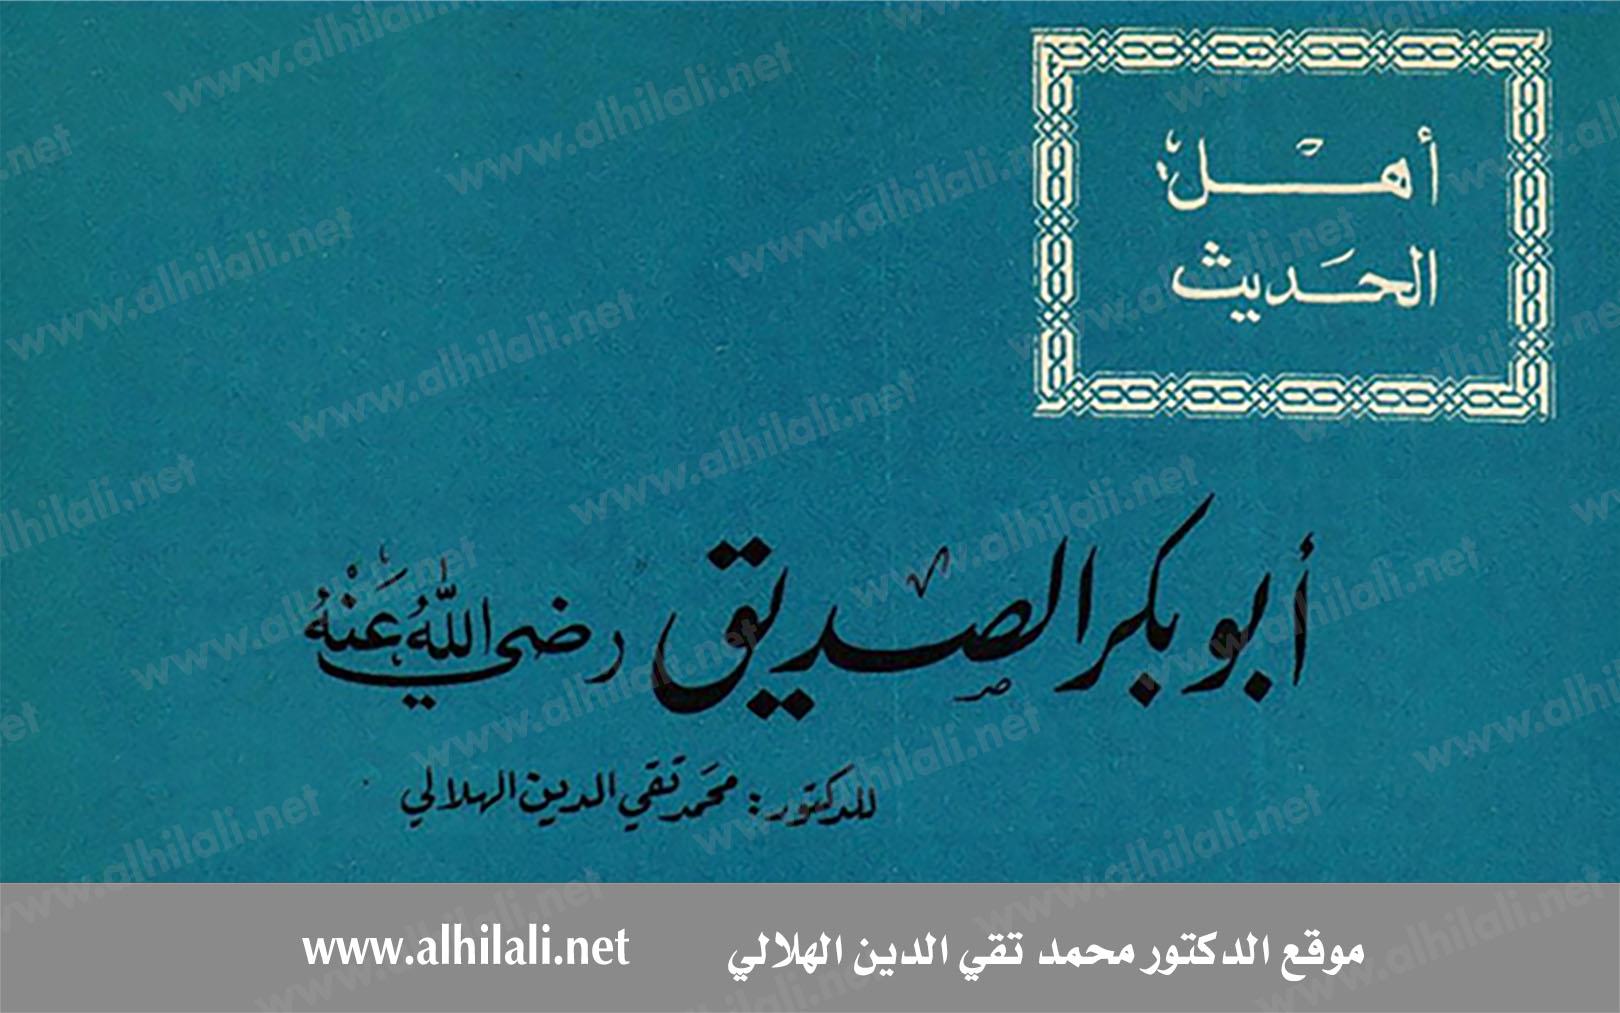 أهل الحديث أبو بكر الصديق - تقي الدين الهلالي